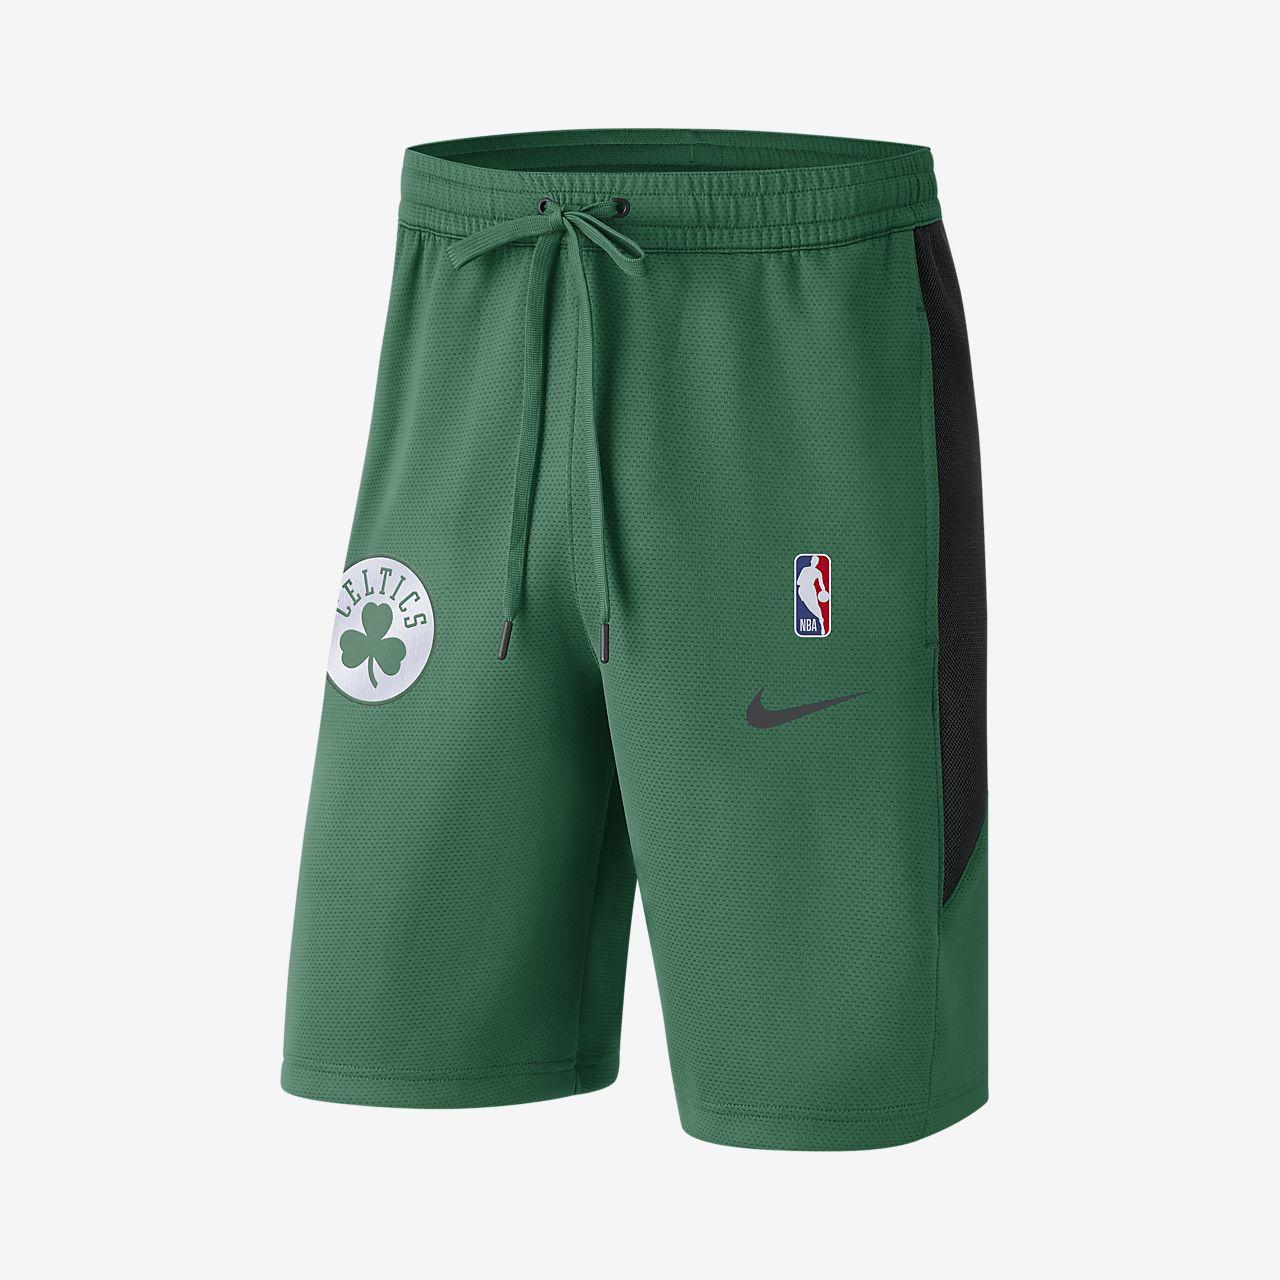 Boston Celtics Nike Therma Flex Men's NBA Shorts